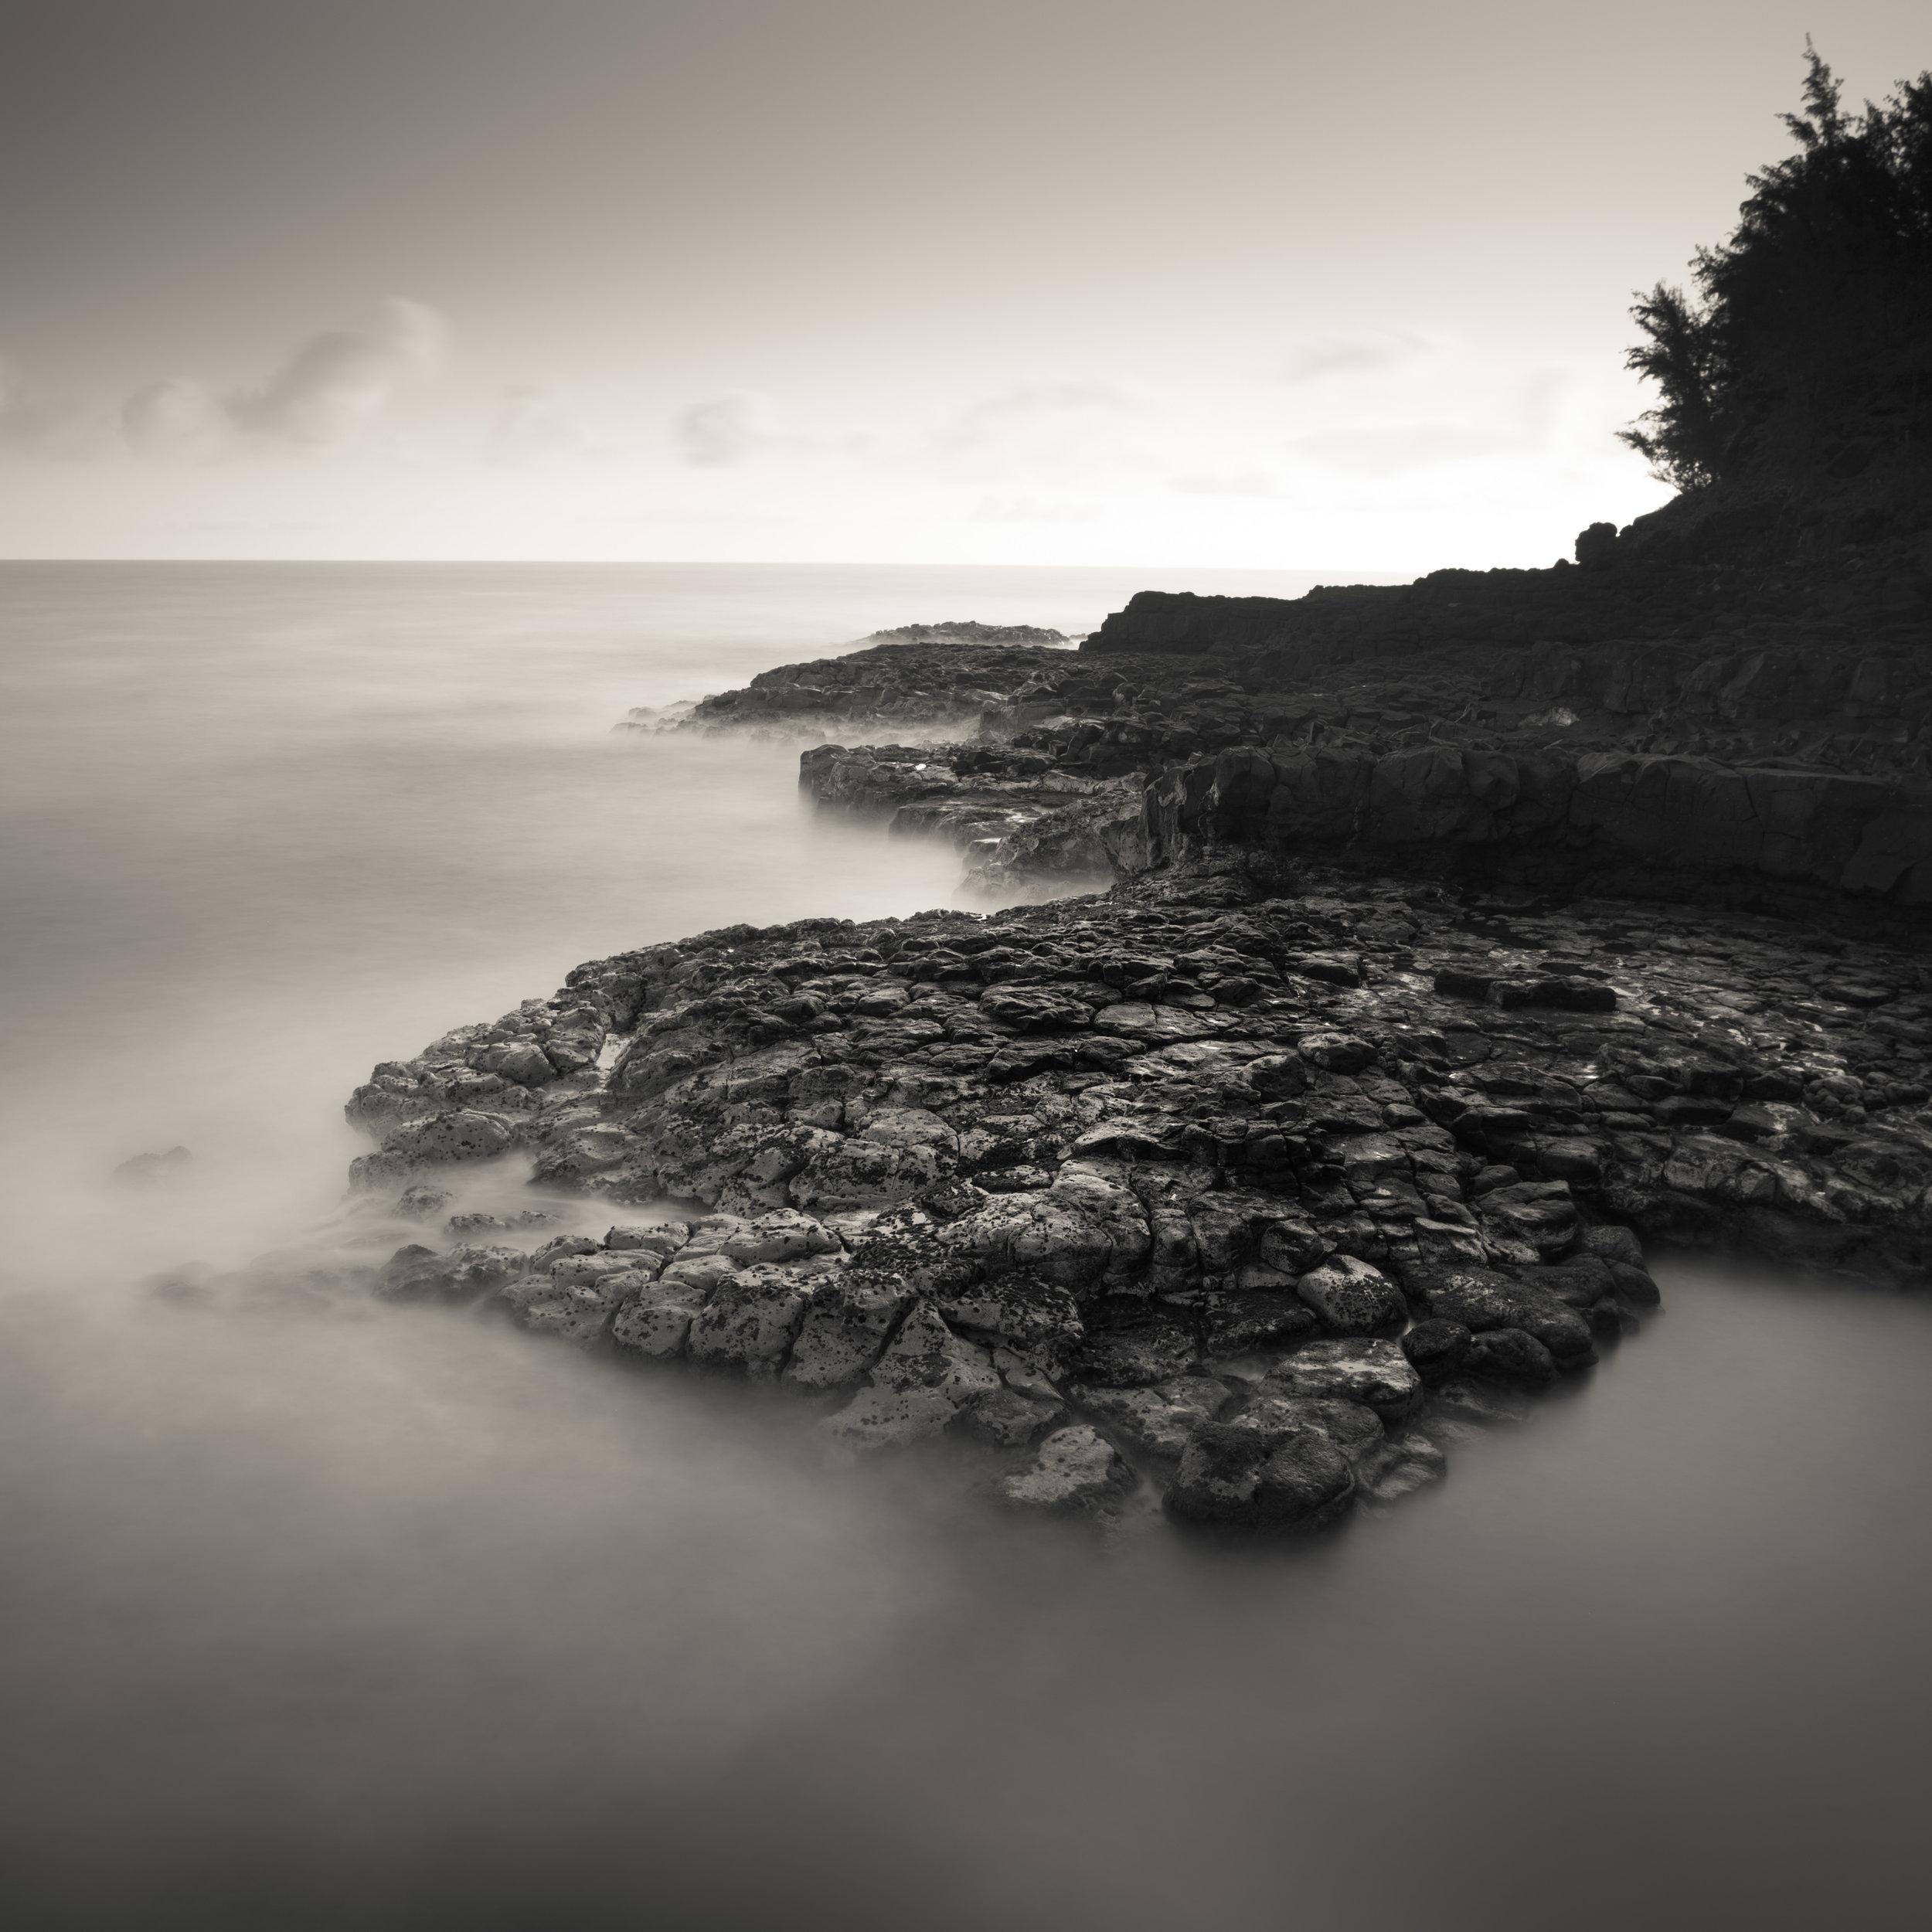 Kauai black white queens bath sunrise hard rocky beach